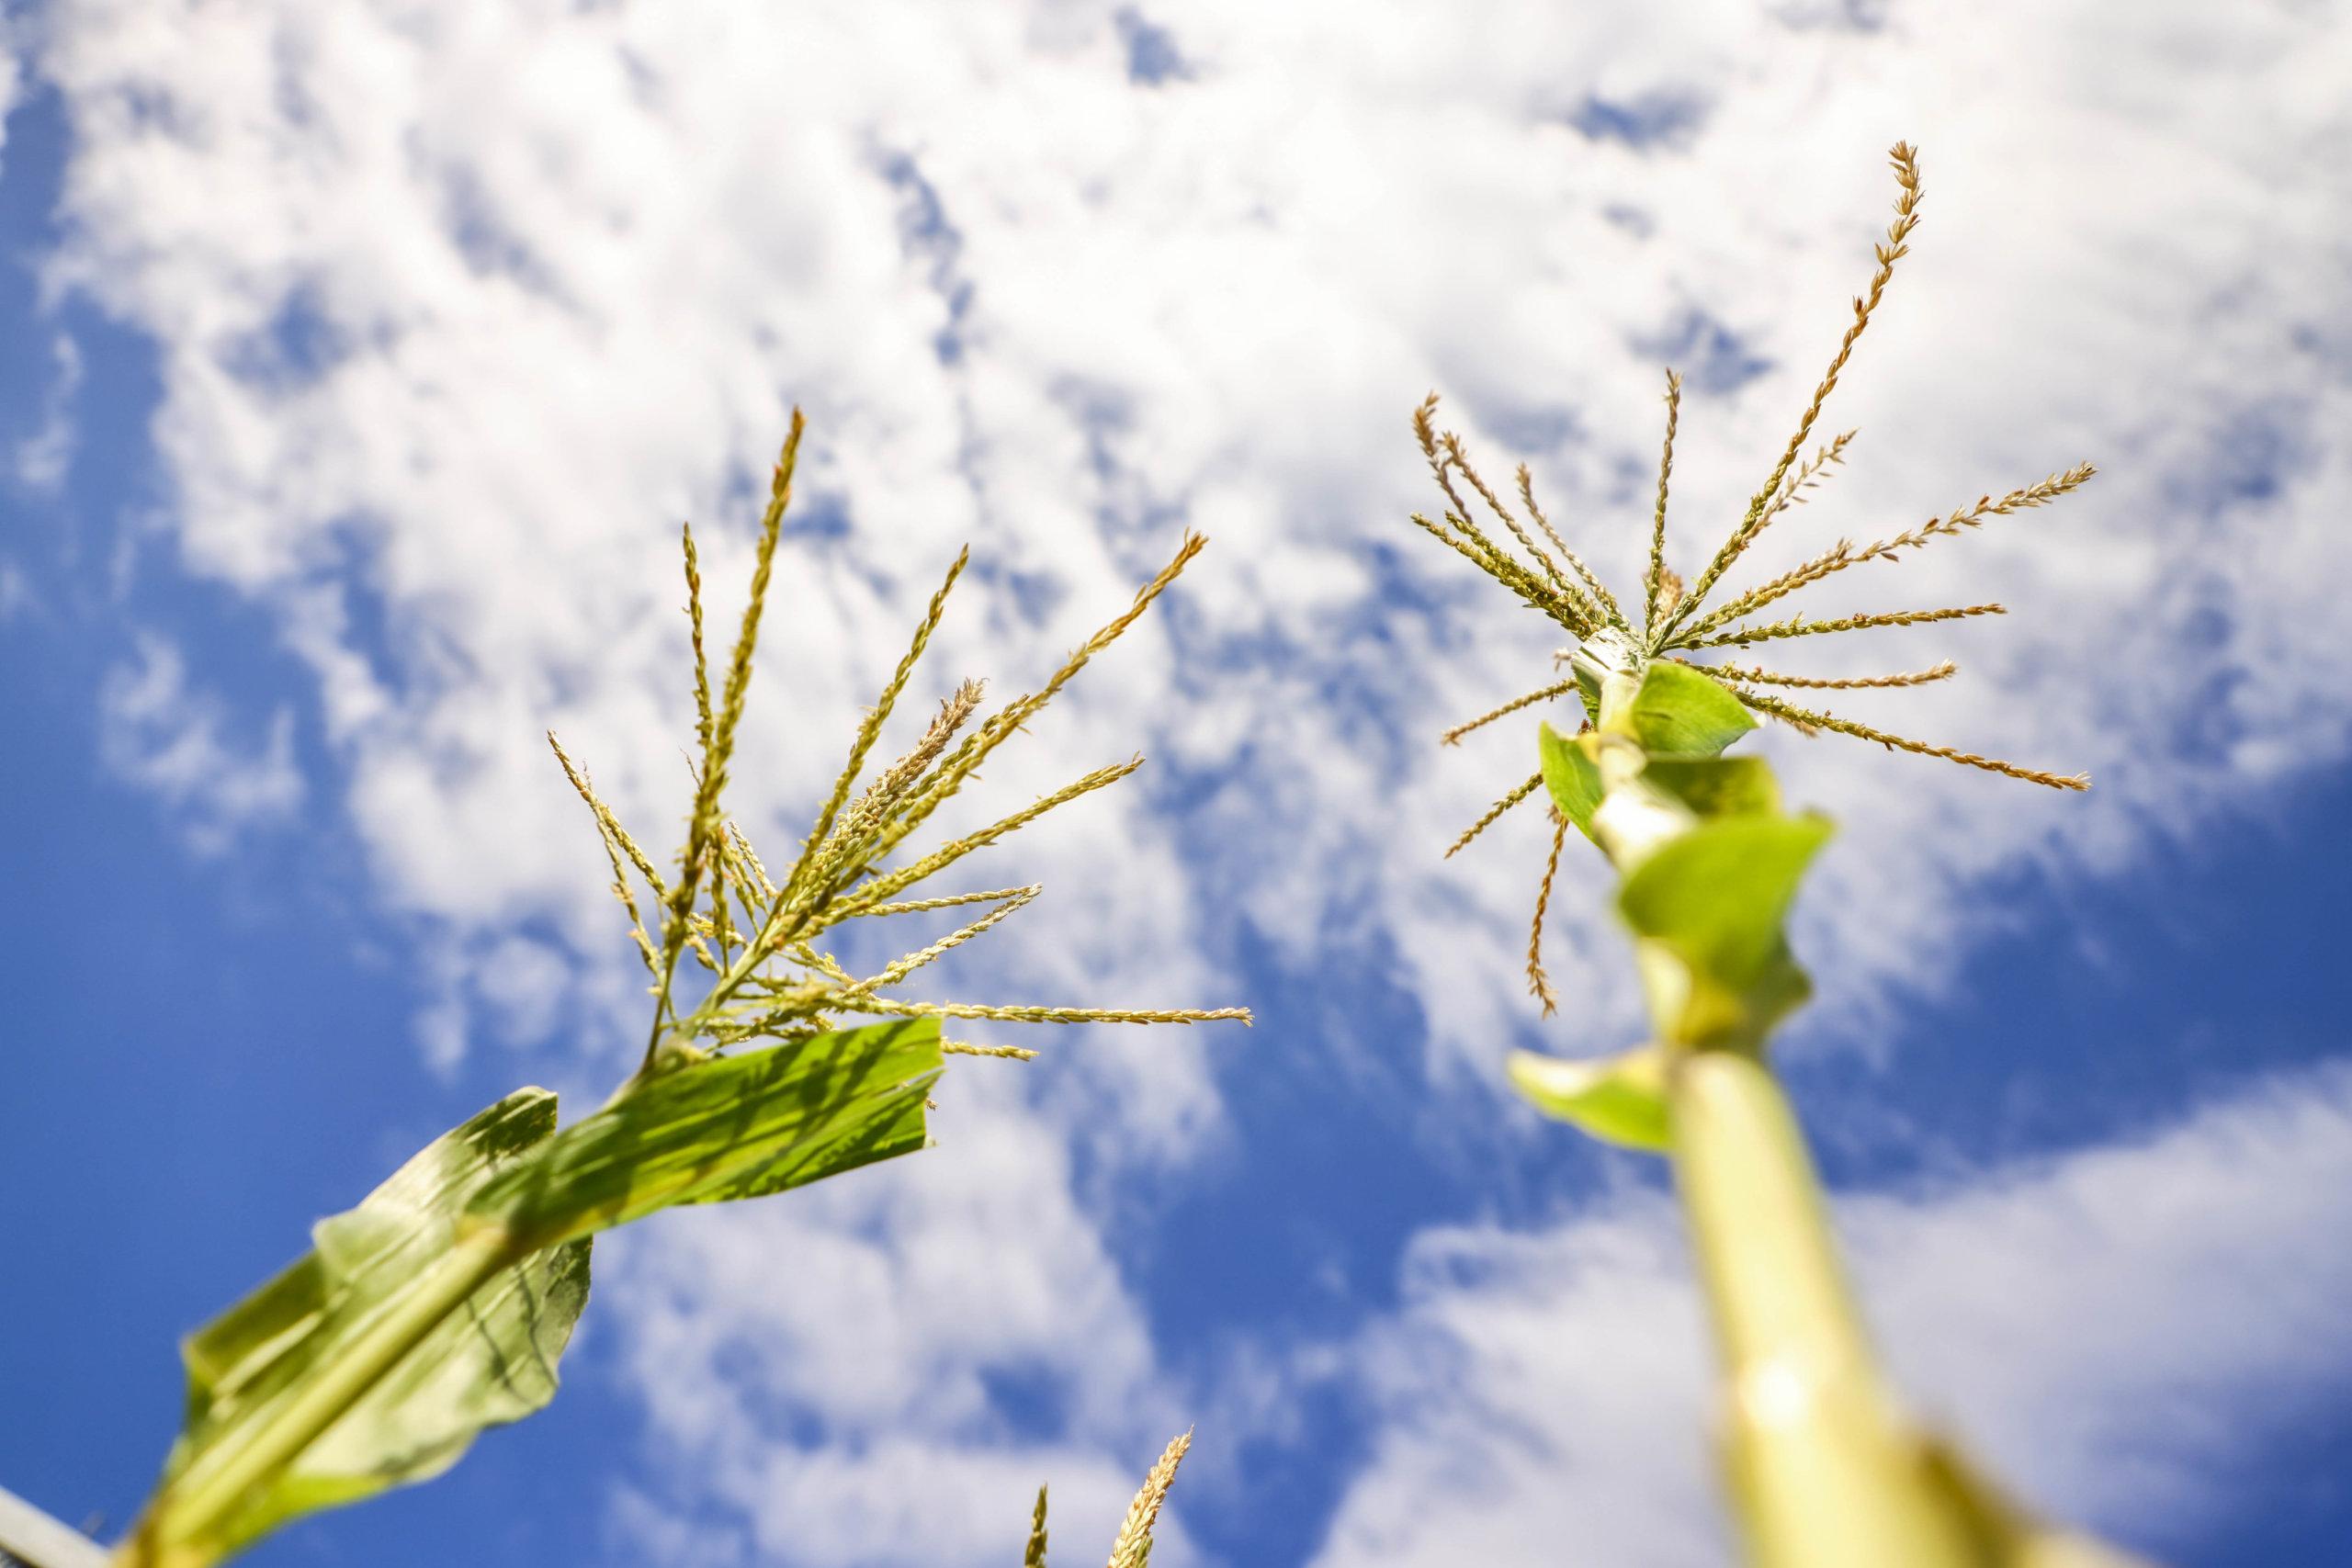 可以在九龍區鬧市中種植物,感覺好治癒。